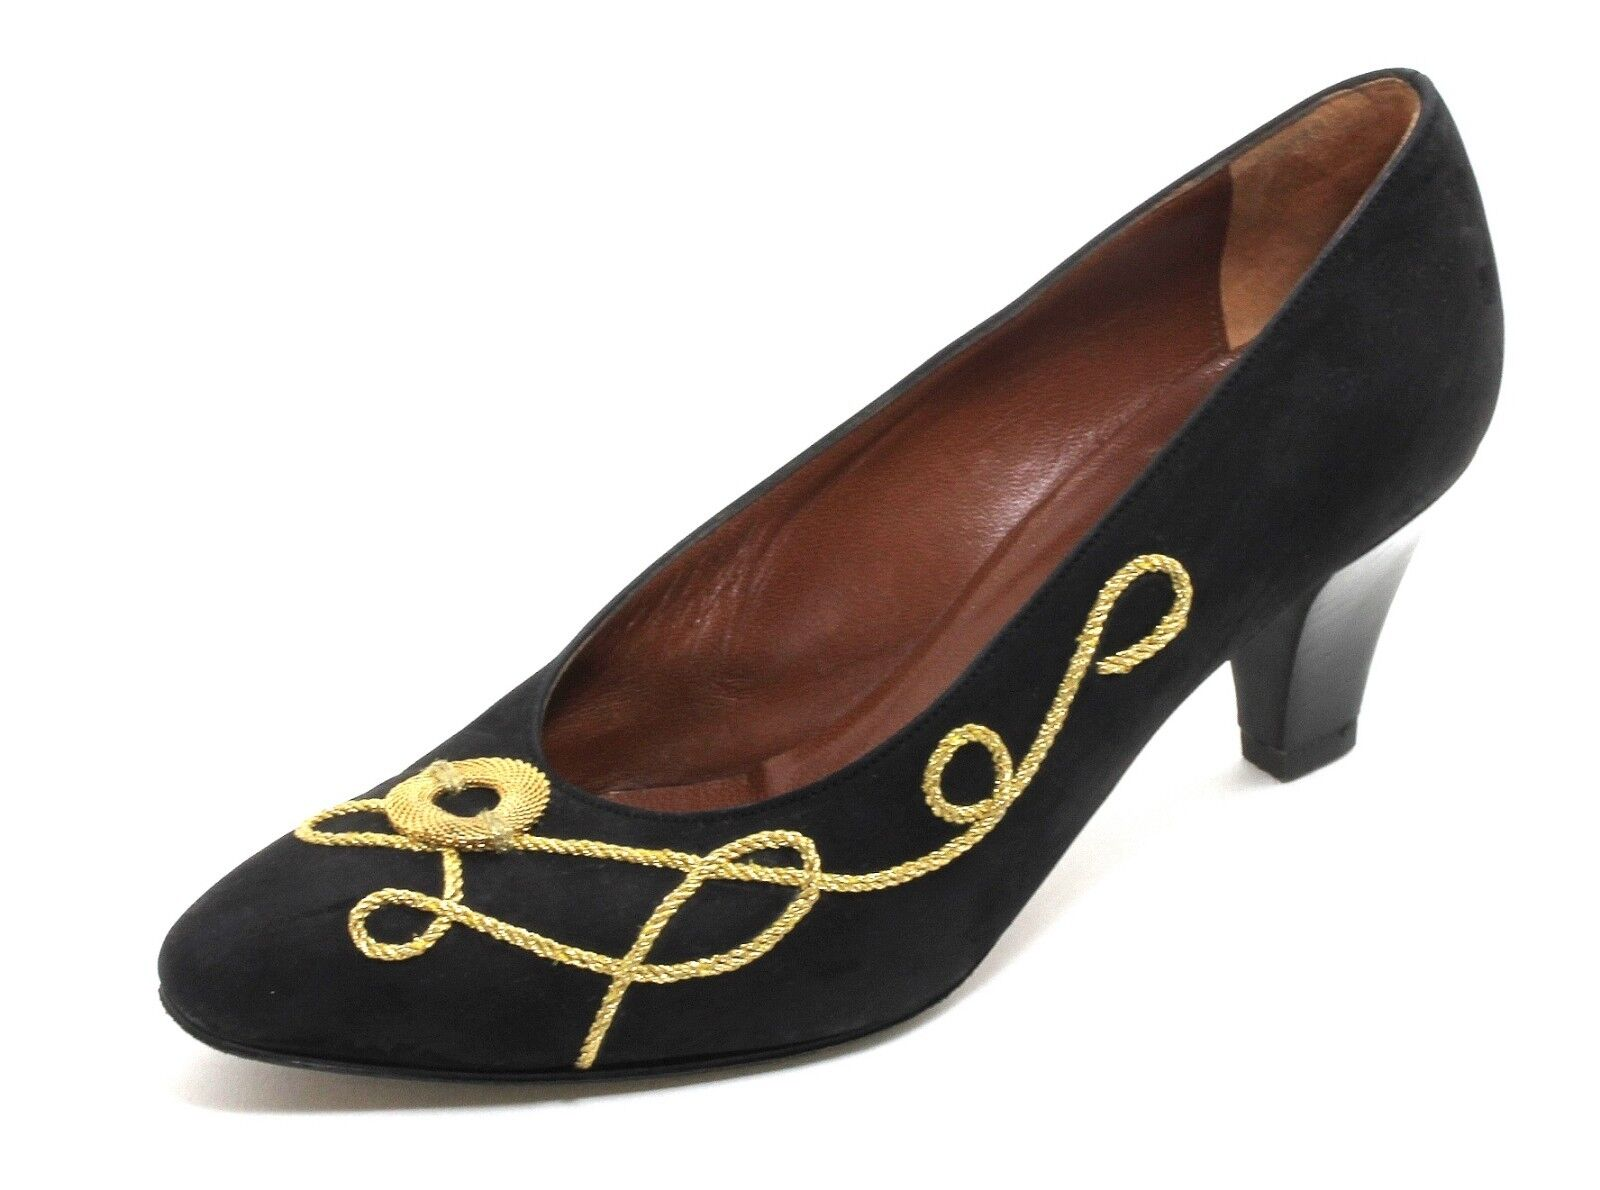 Elegant Vintage Heels Pumps Damenschuh Leder Gold Office Heels Vintage Barbara Boccaccini 36,5 2d7840